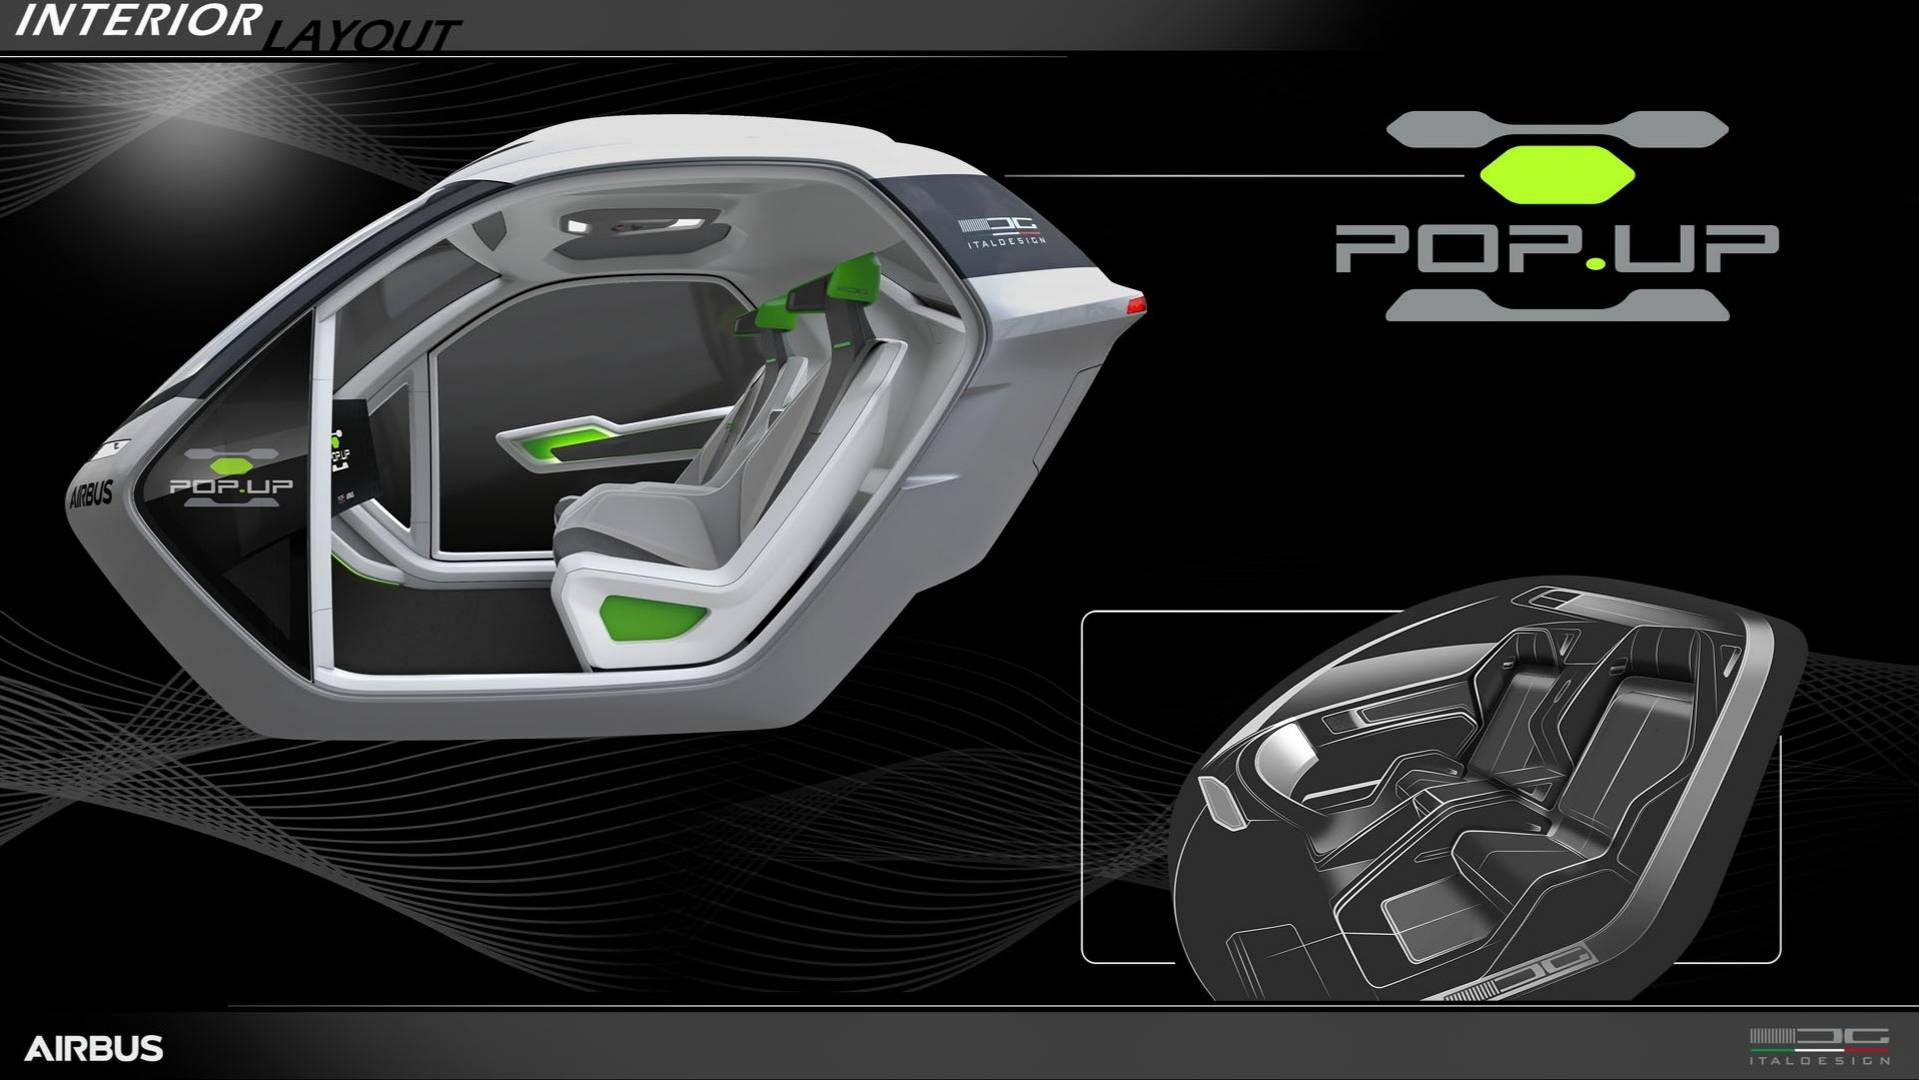 Audi Airbus ItalDesign Pop.Up Next concept (2)